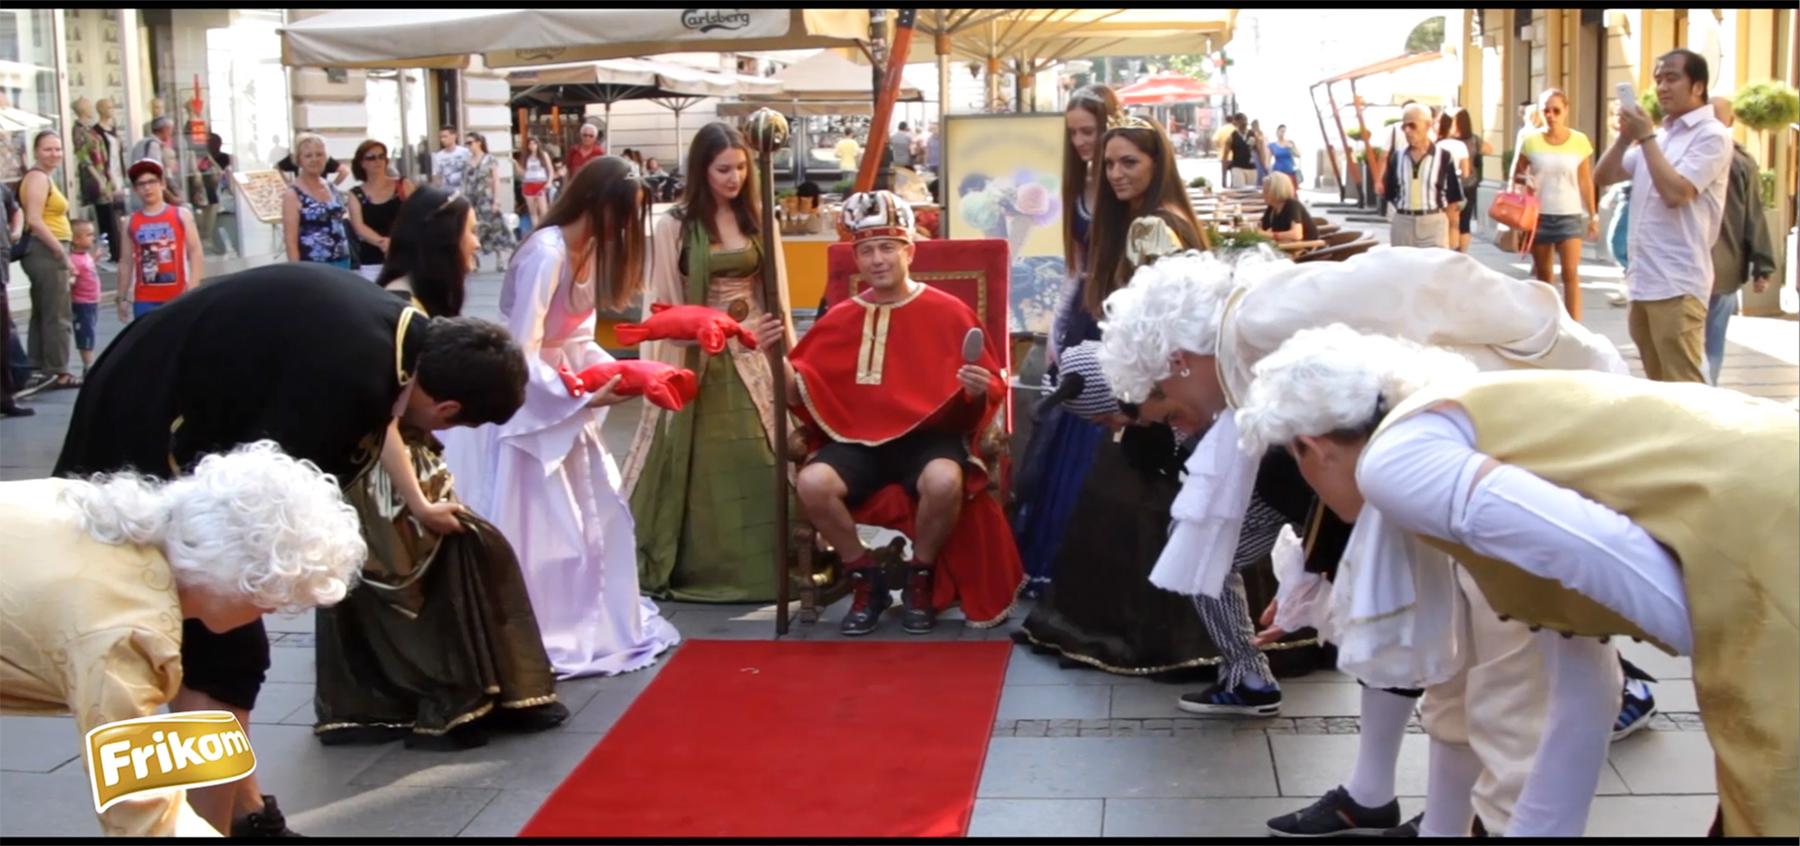 Kraljevski uzitak Frikom za Beograđane pripremio kraljevski užitak